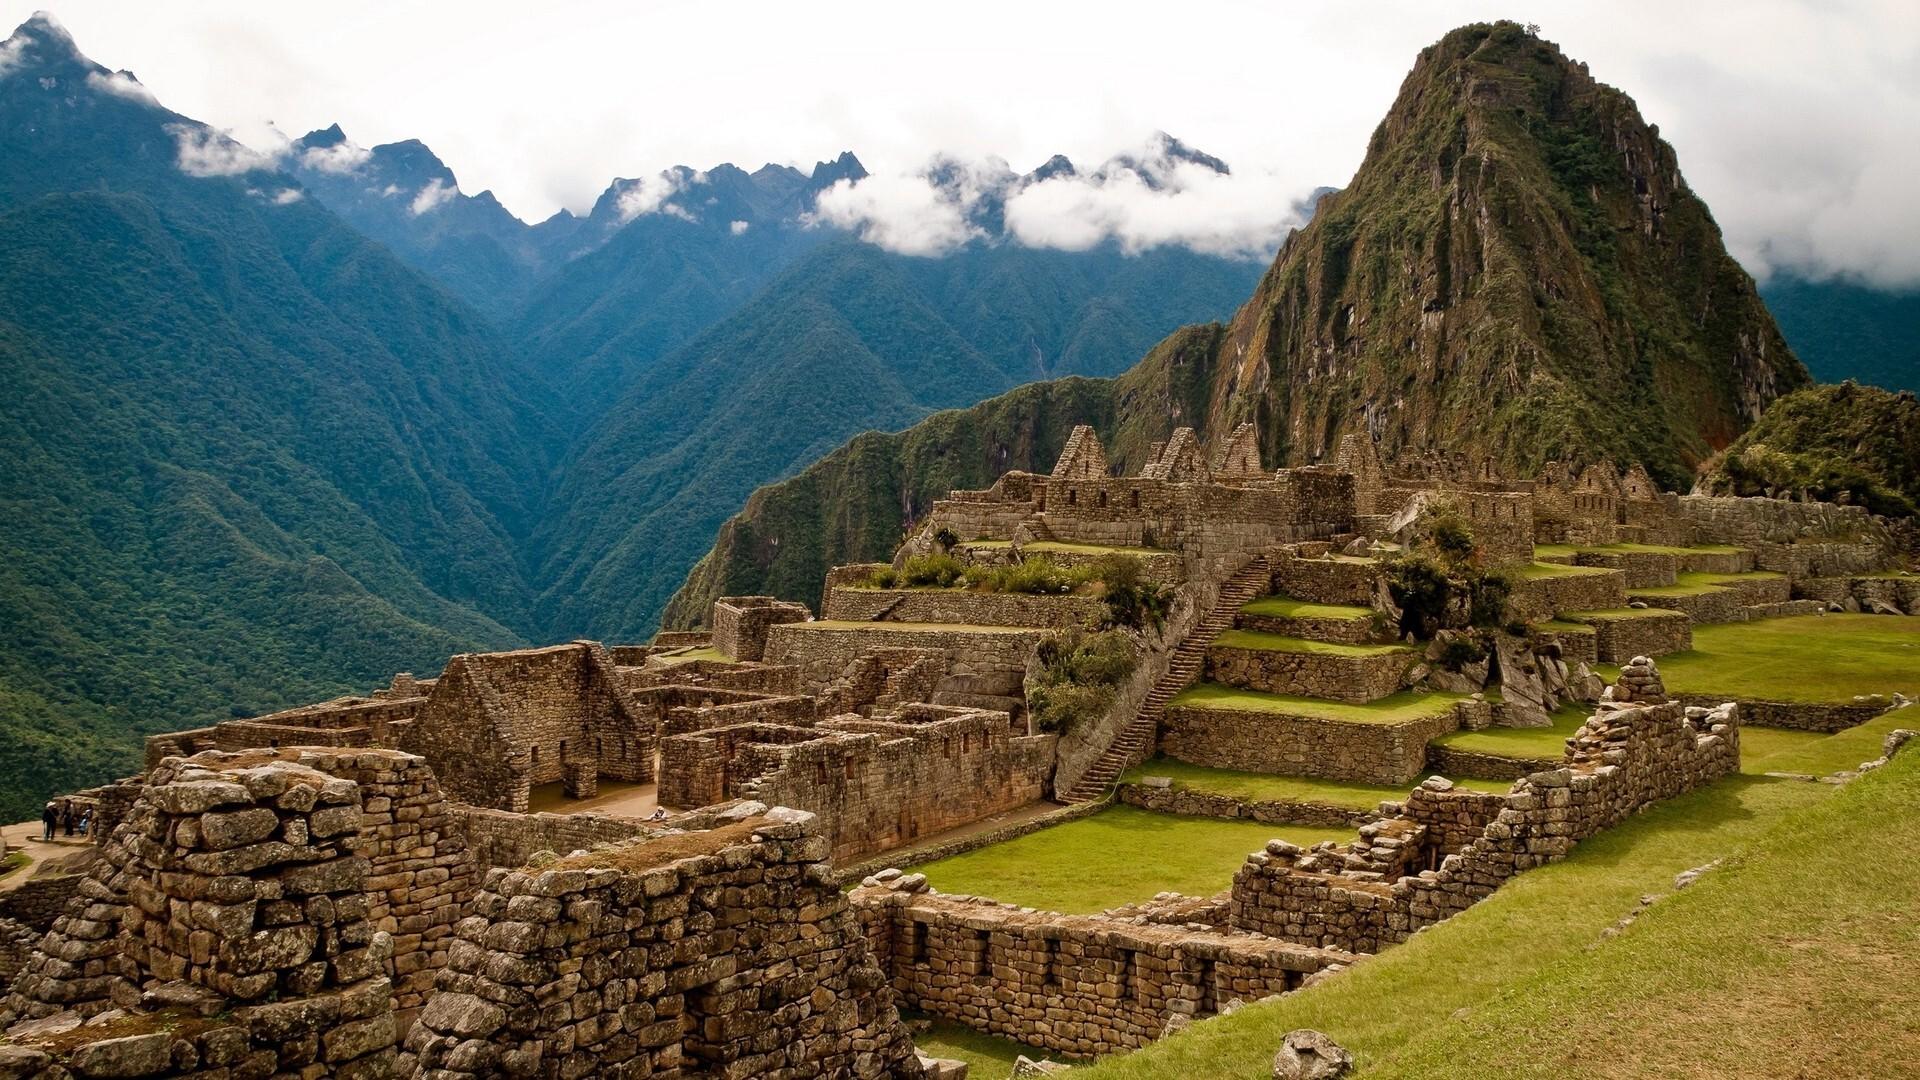 Machu Picchu Historical Place In Peru Wallpaper